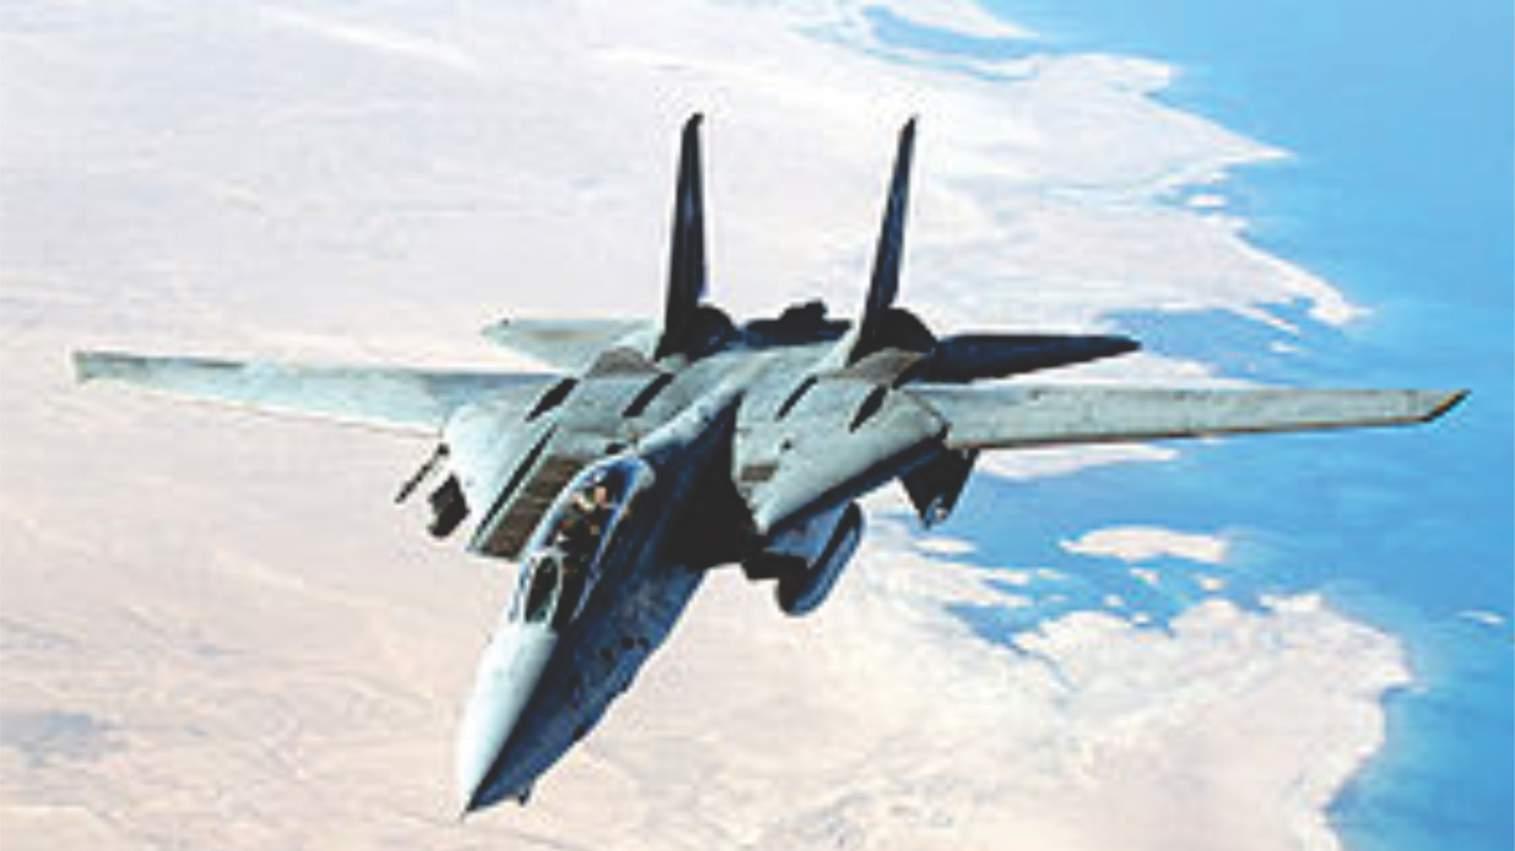 Pesawat Amerika Serikat membusuk di hutan